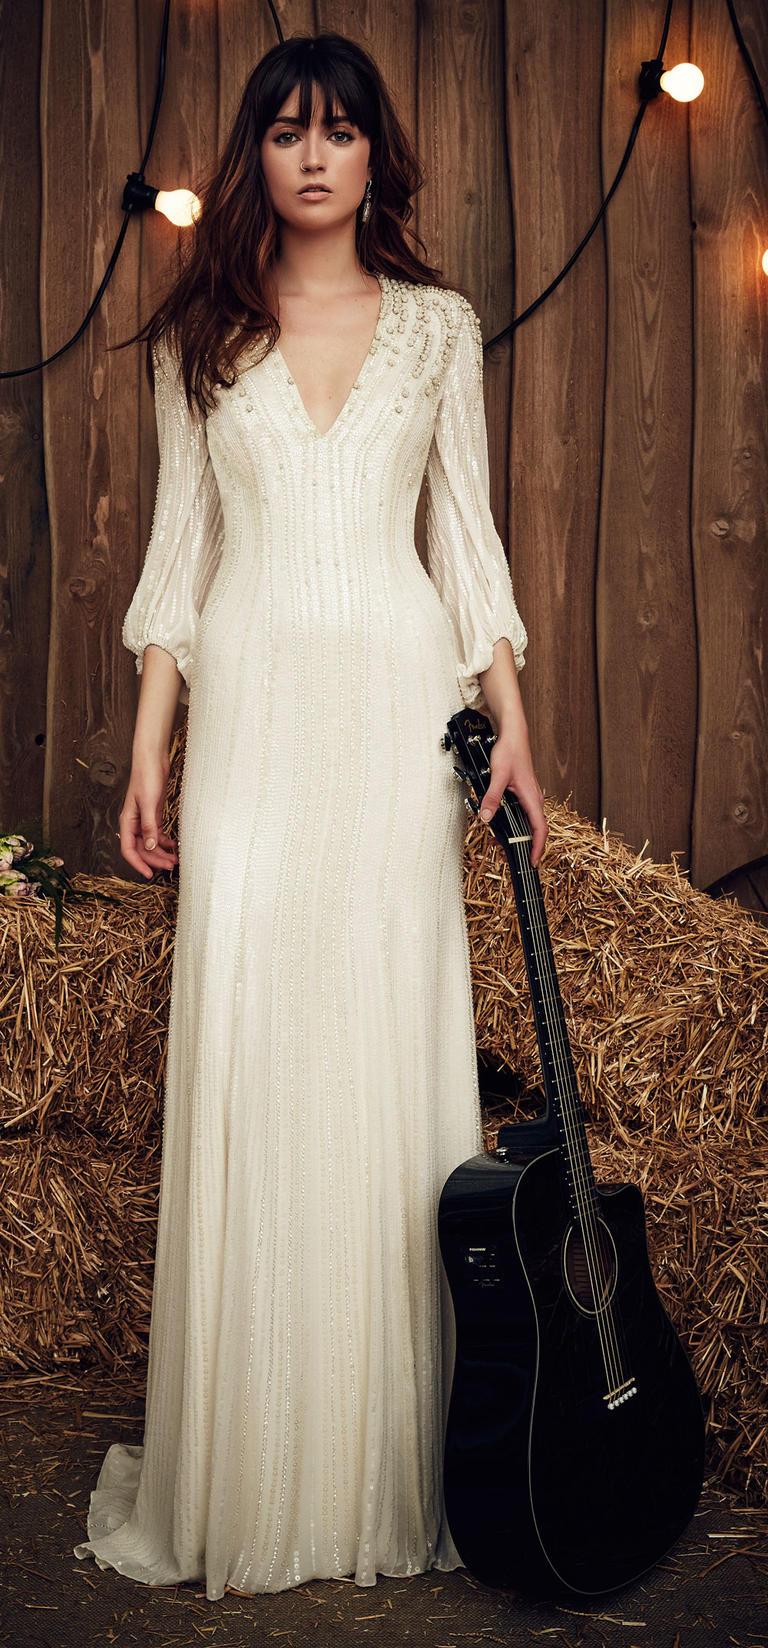 @pfairytale Jenny Packham Bridal Spring 2017